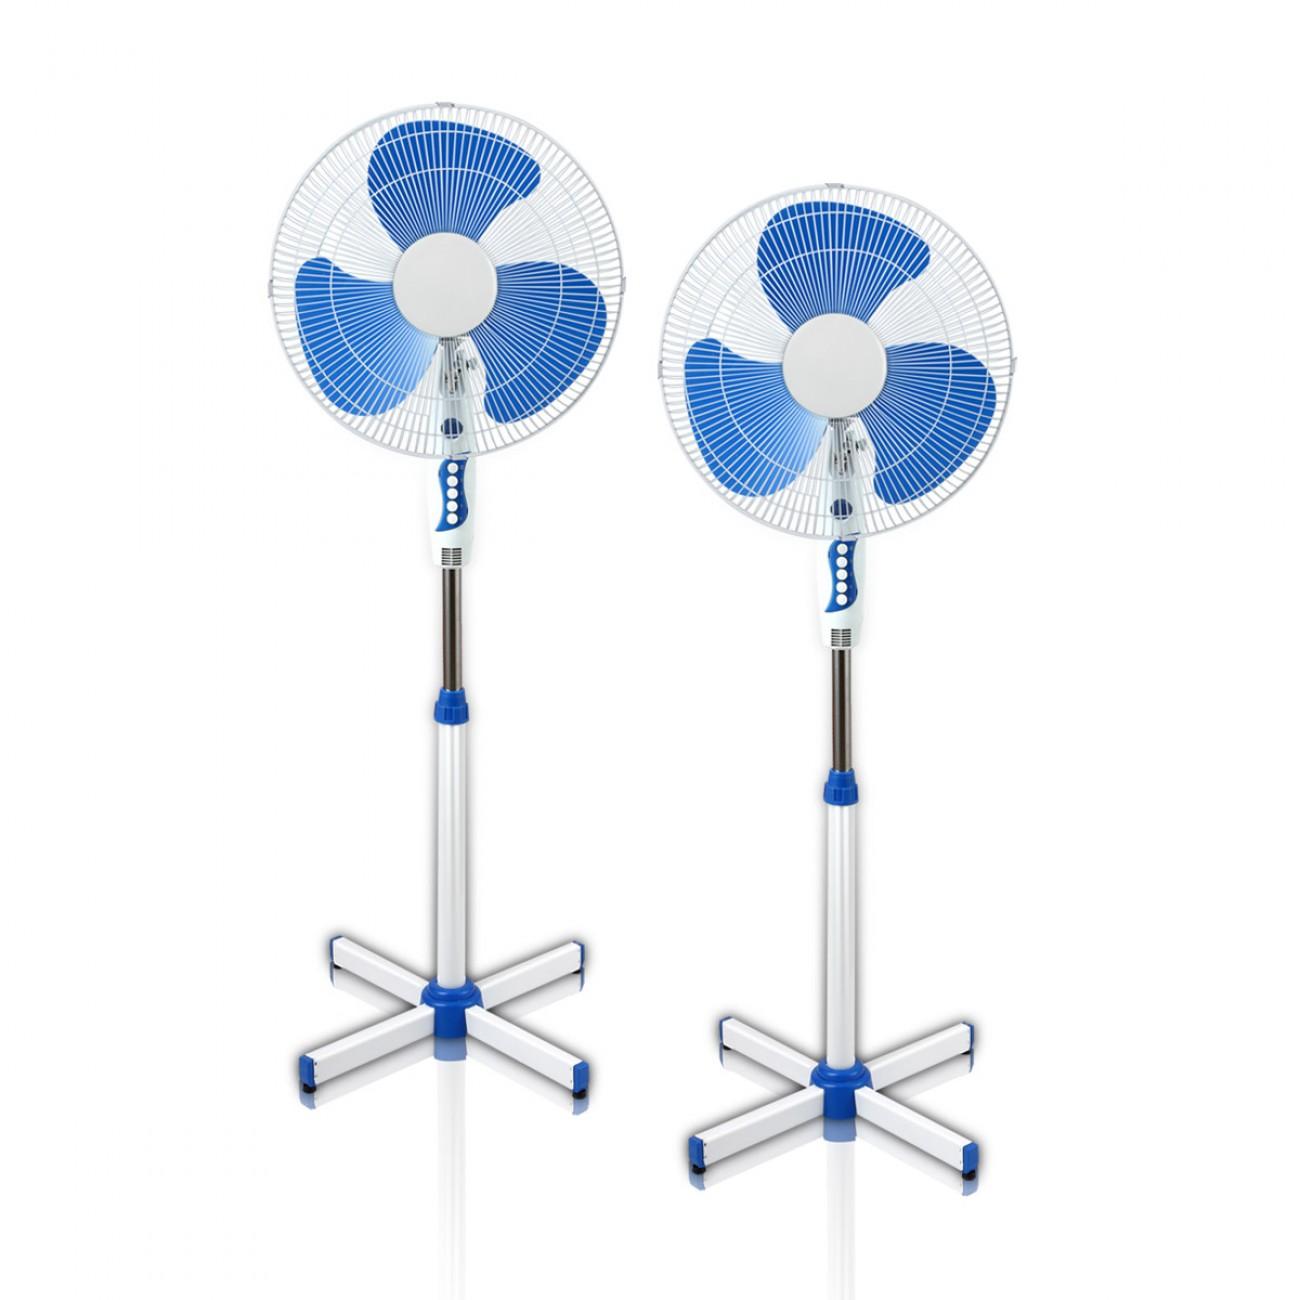 Комплект вентилатори на стойка 2 броя ESPERANSA ES 1760 B, 40W, 40 см, 3 степени на мощност, Регулиране на височината, Син/бял в Вентилатори - ESPERANSA | Alleop